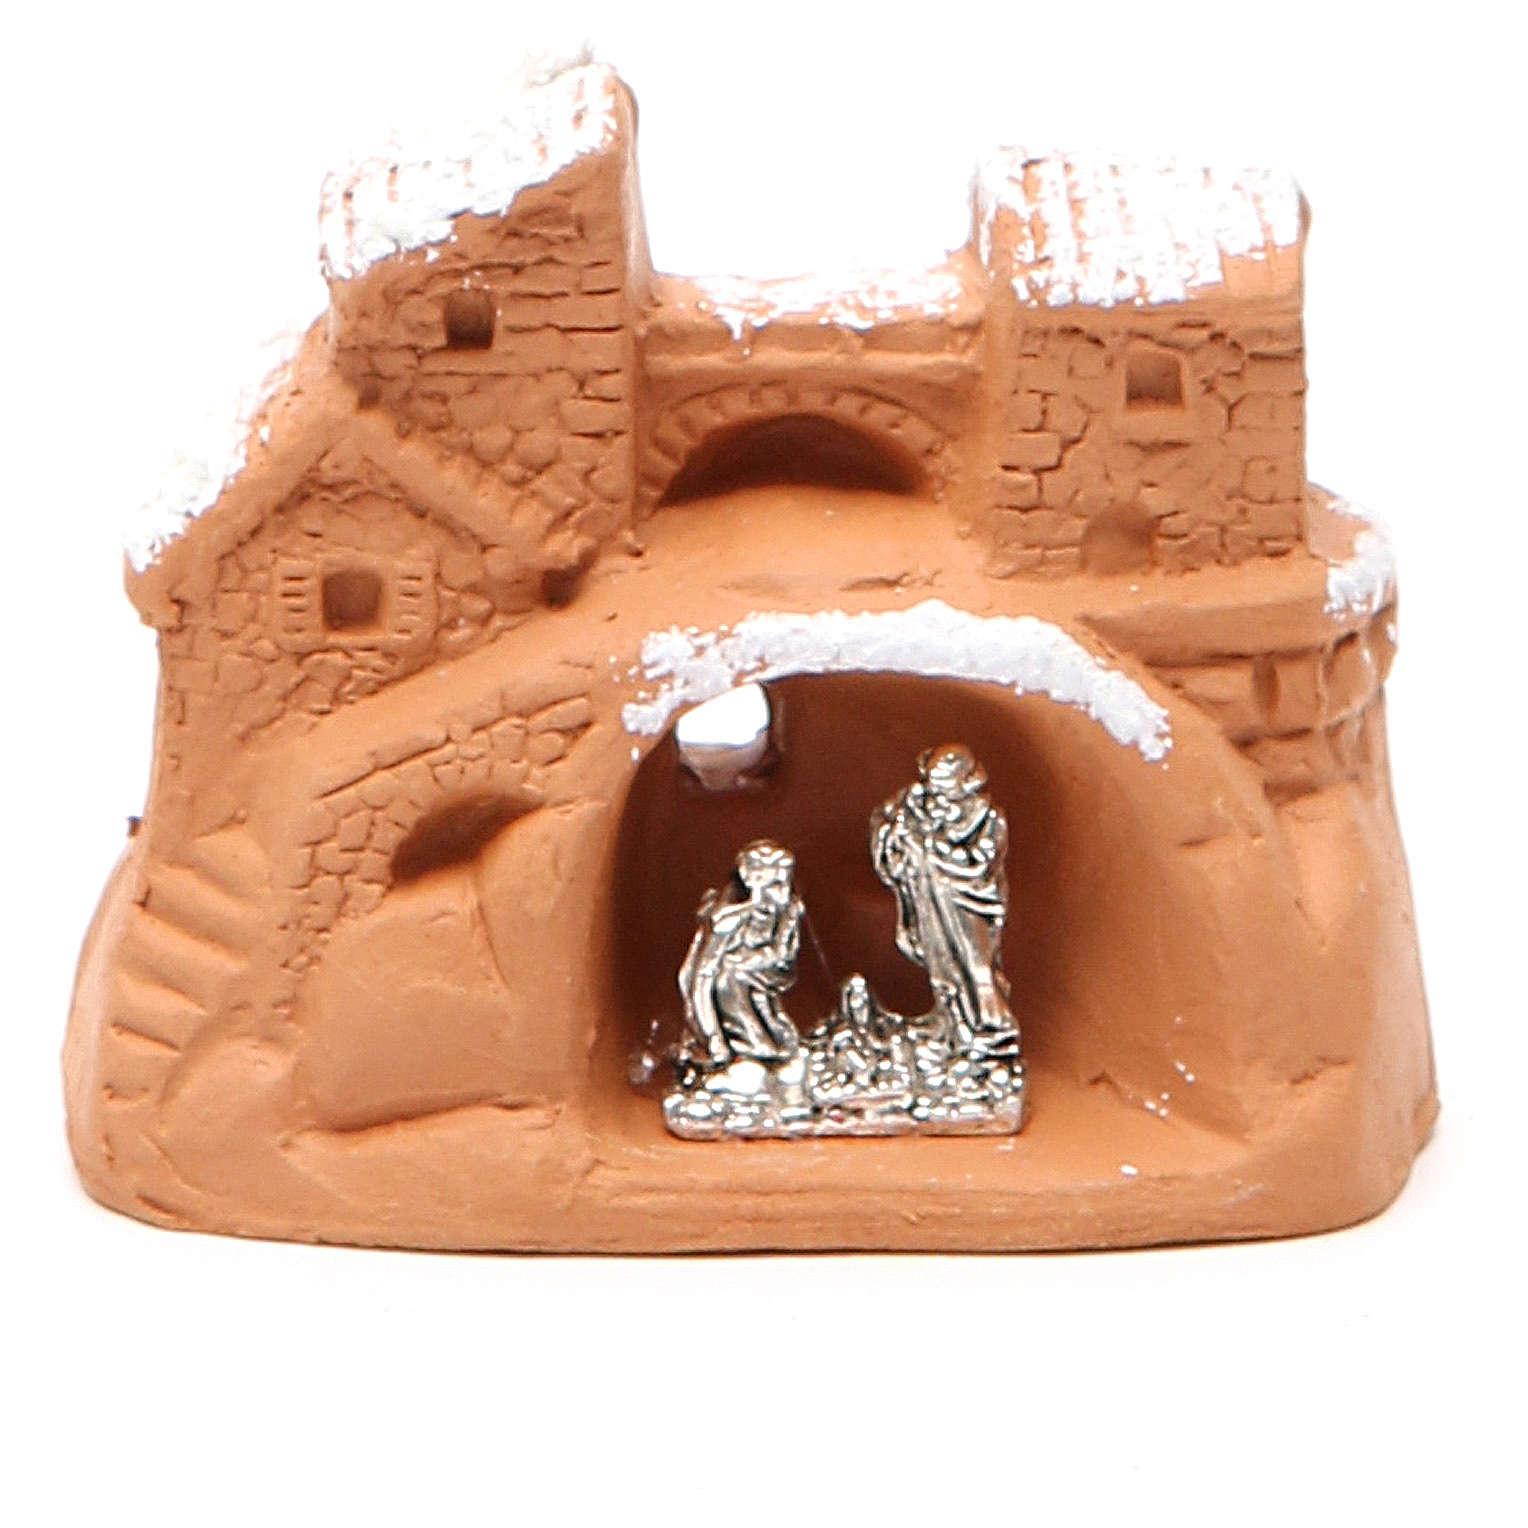 Nativité miniature terre cuite neige 6x7x4 cm 4